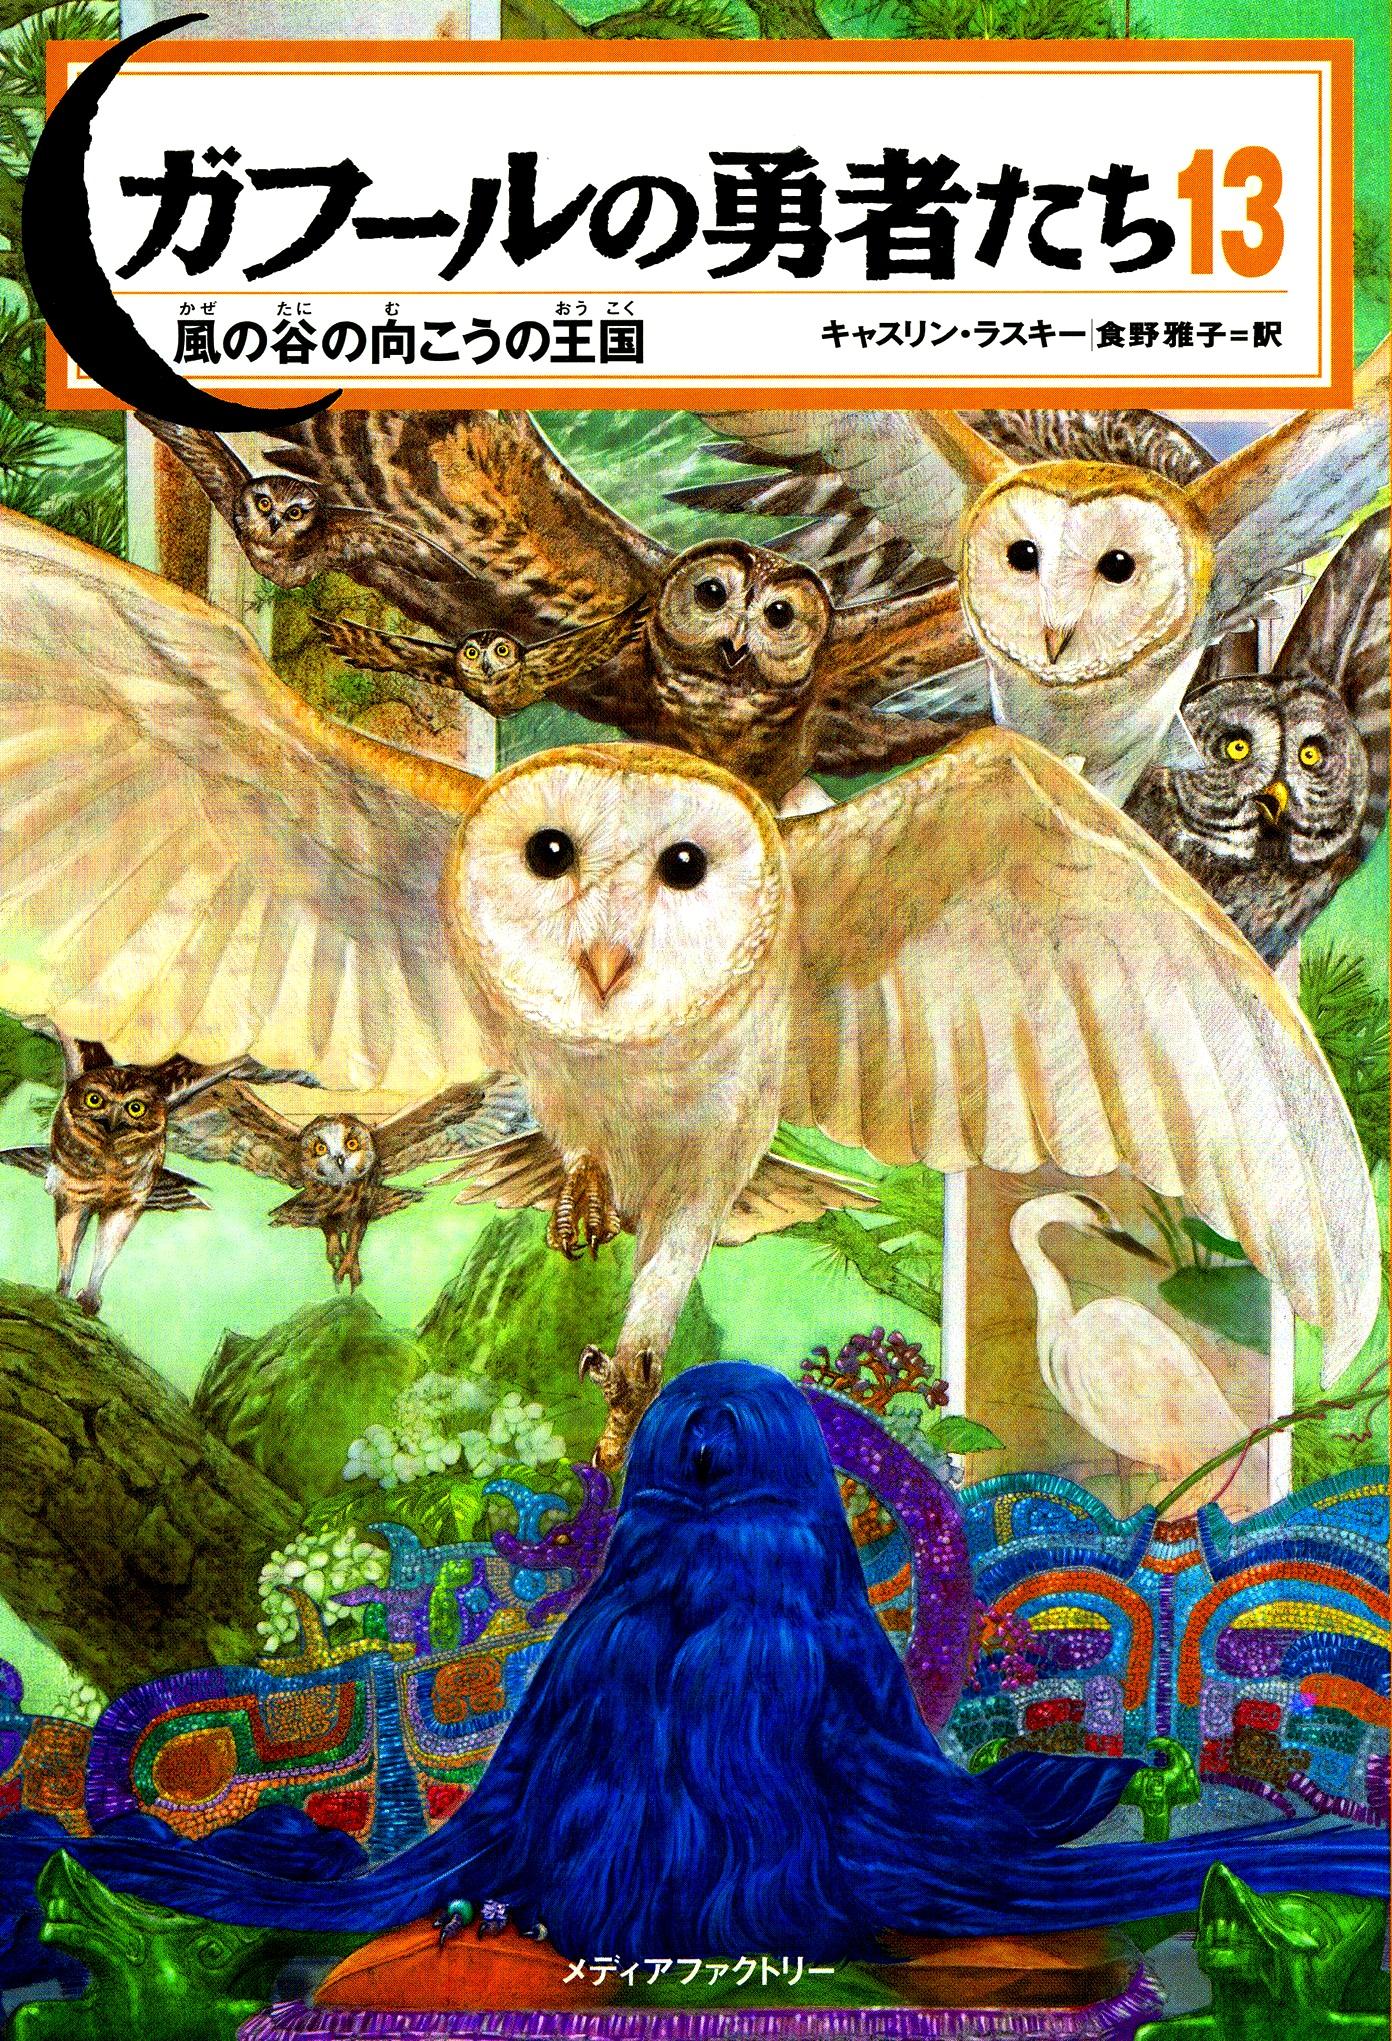 Jp cover 13.jpgFan Feed